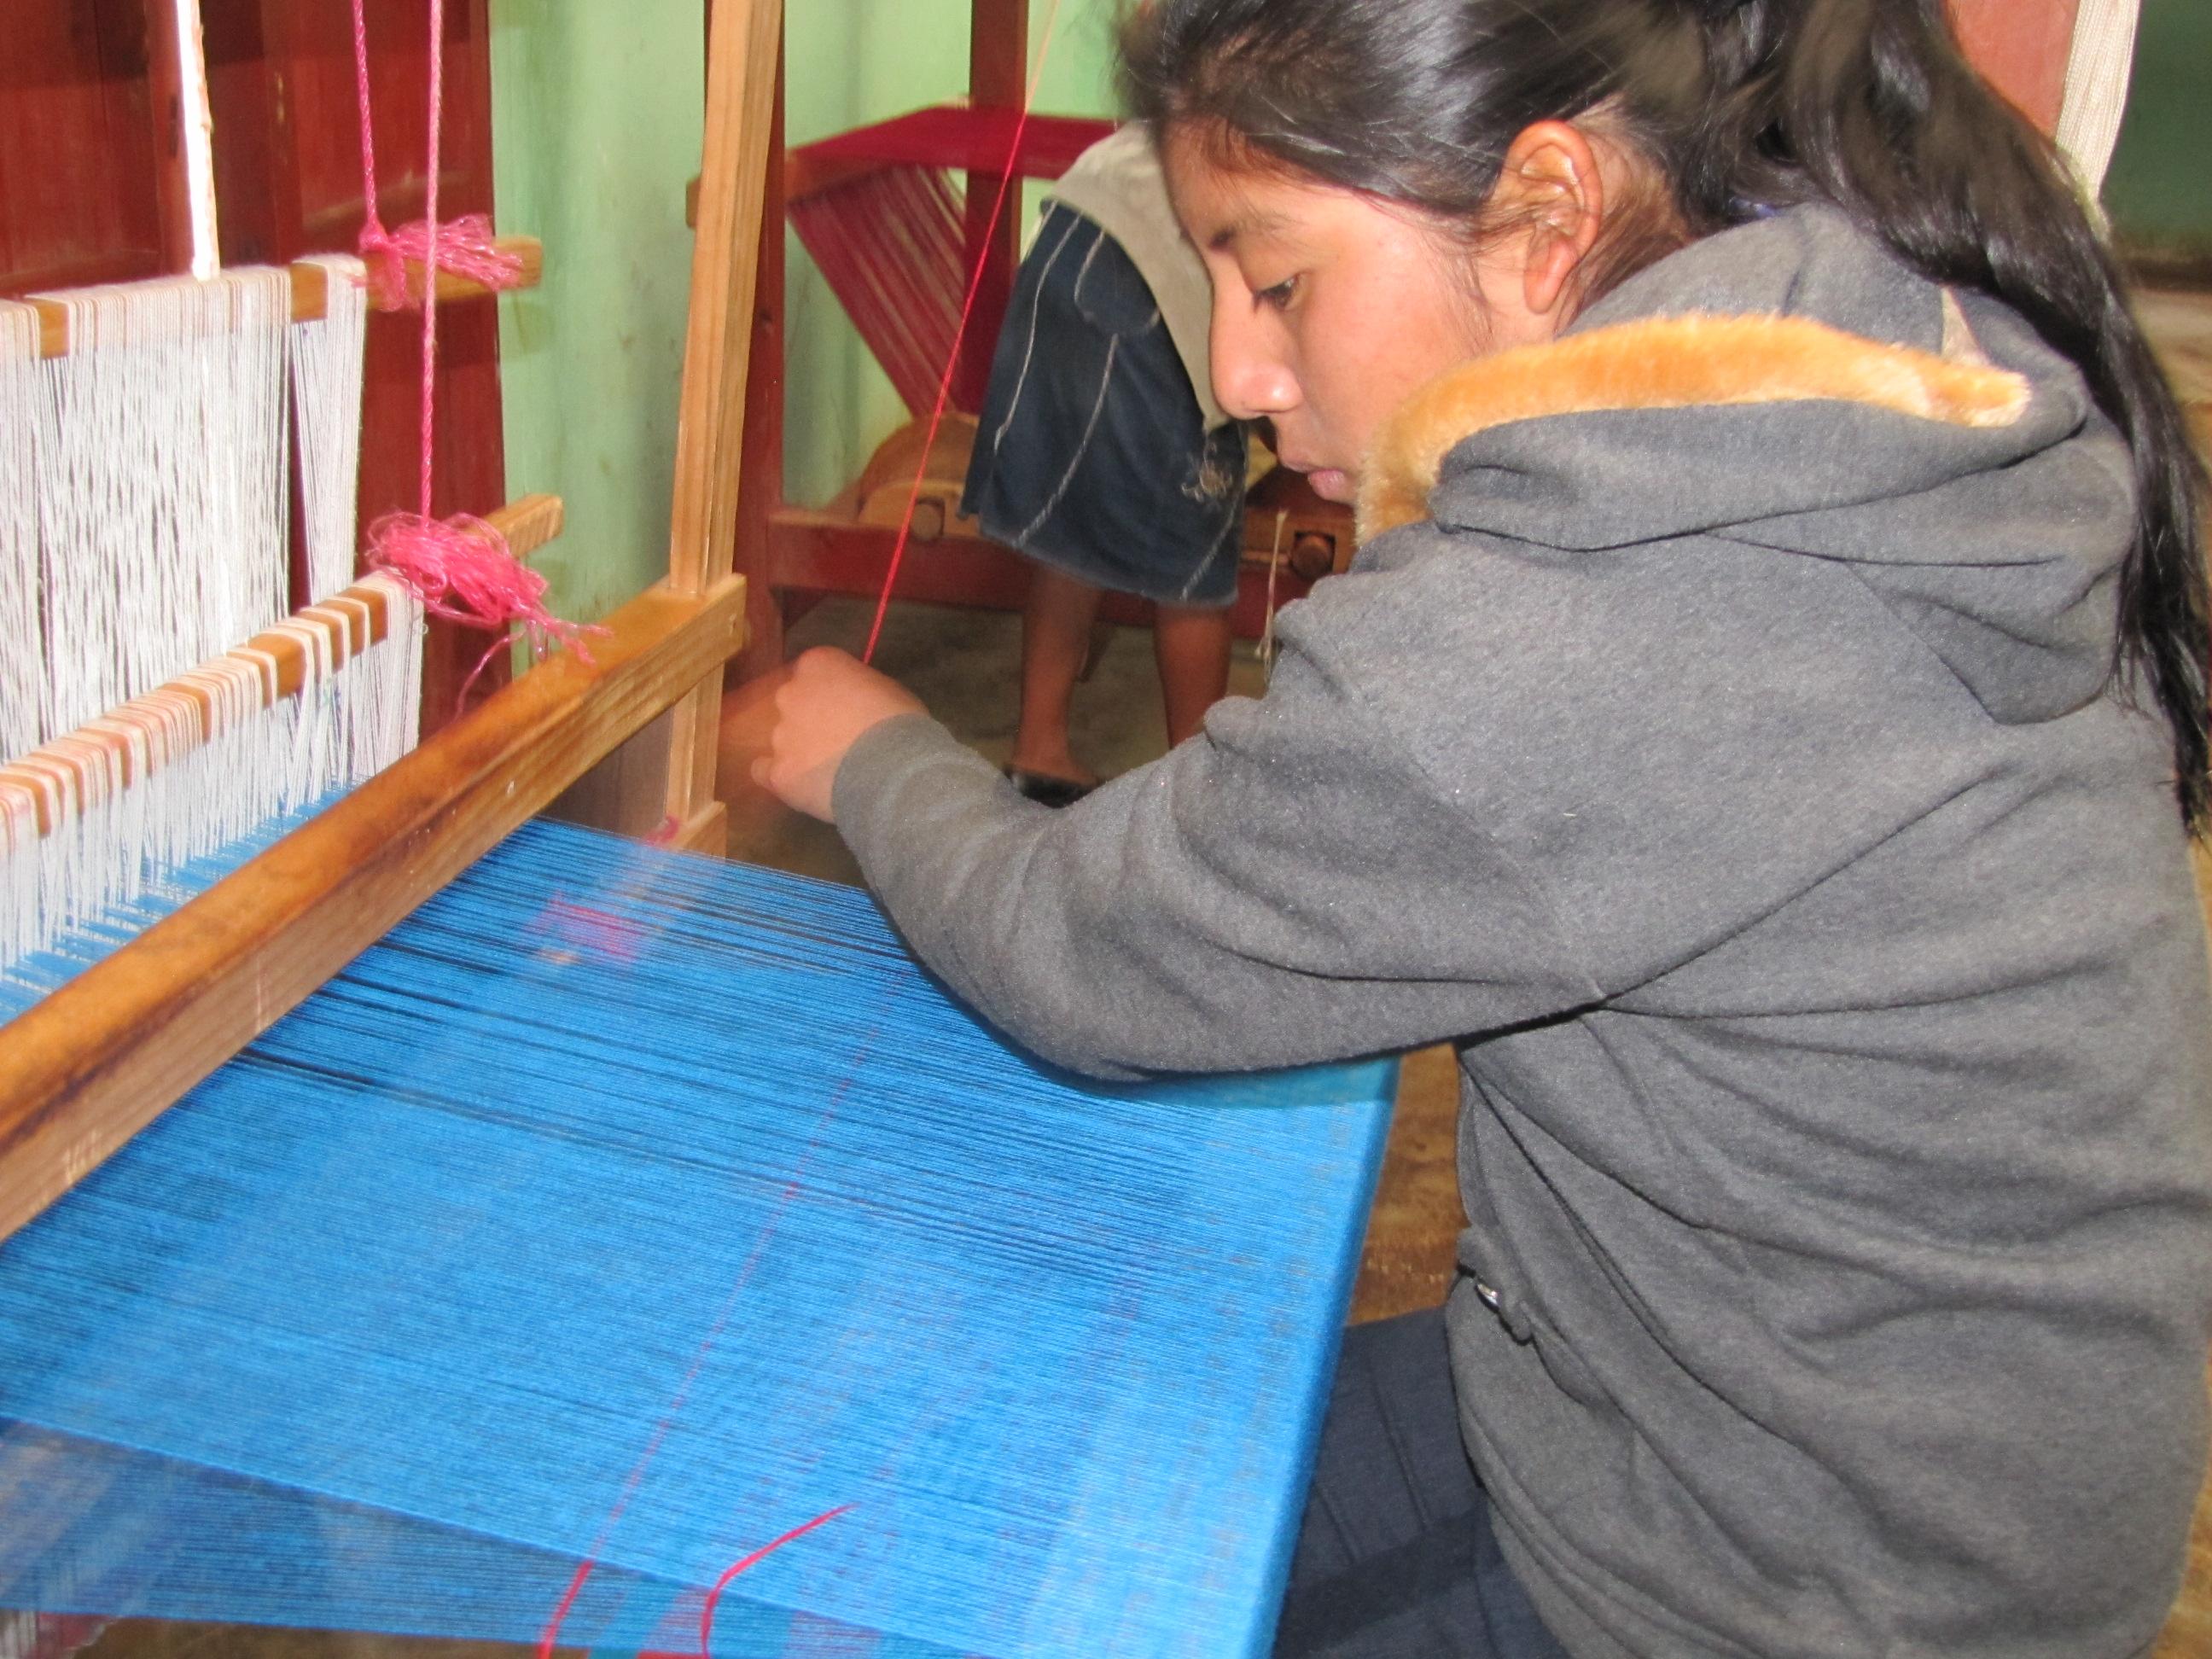 El desempleo en Honduras afecta especialmente a las mujeres, que además sufren una evidente desigualdad salarial